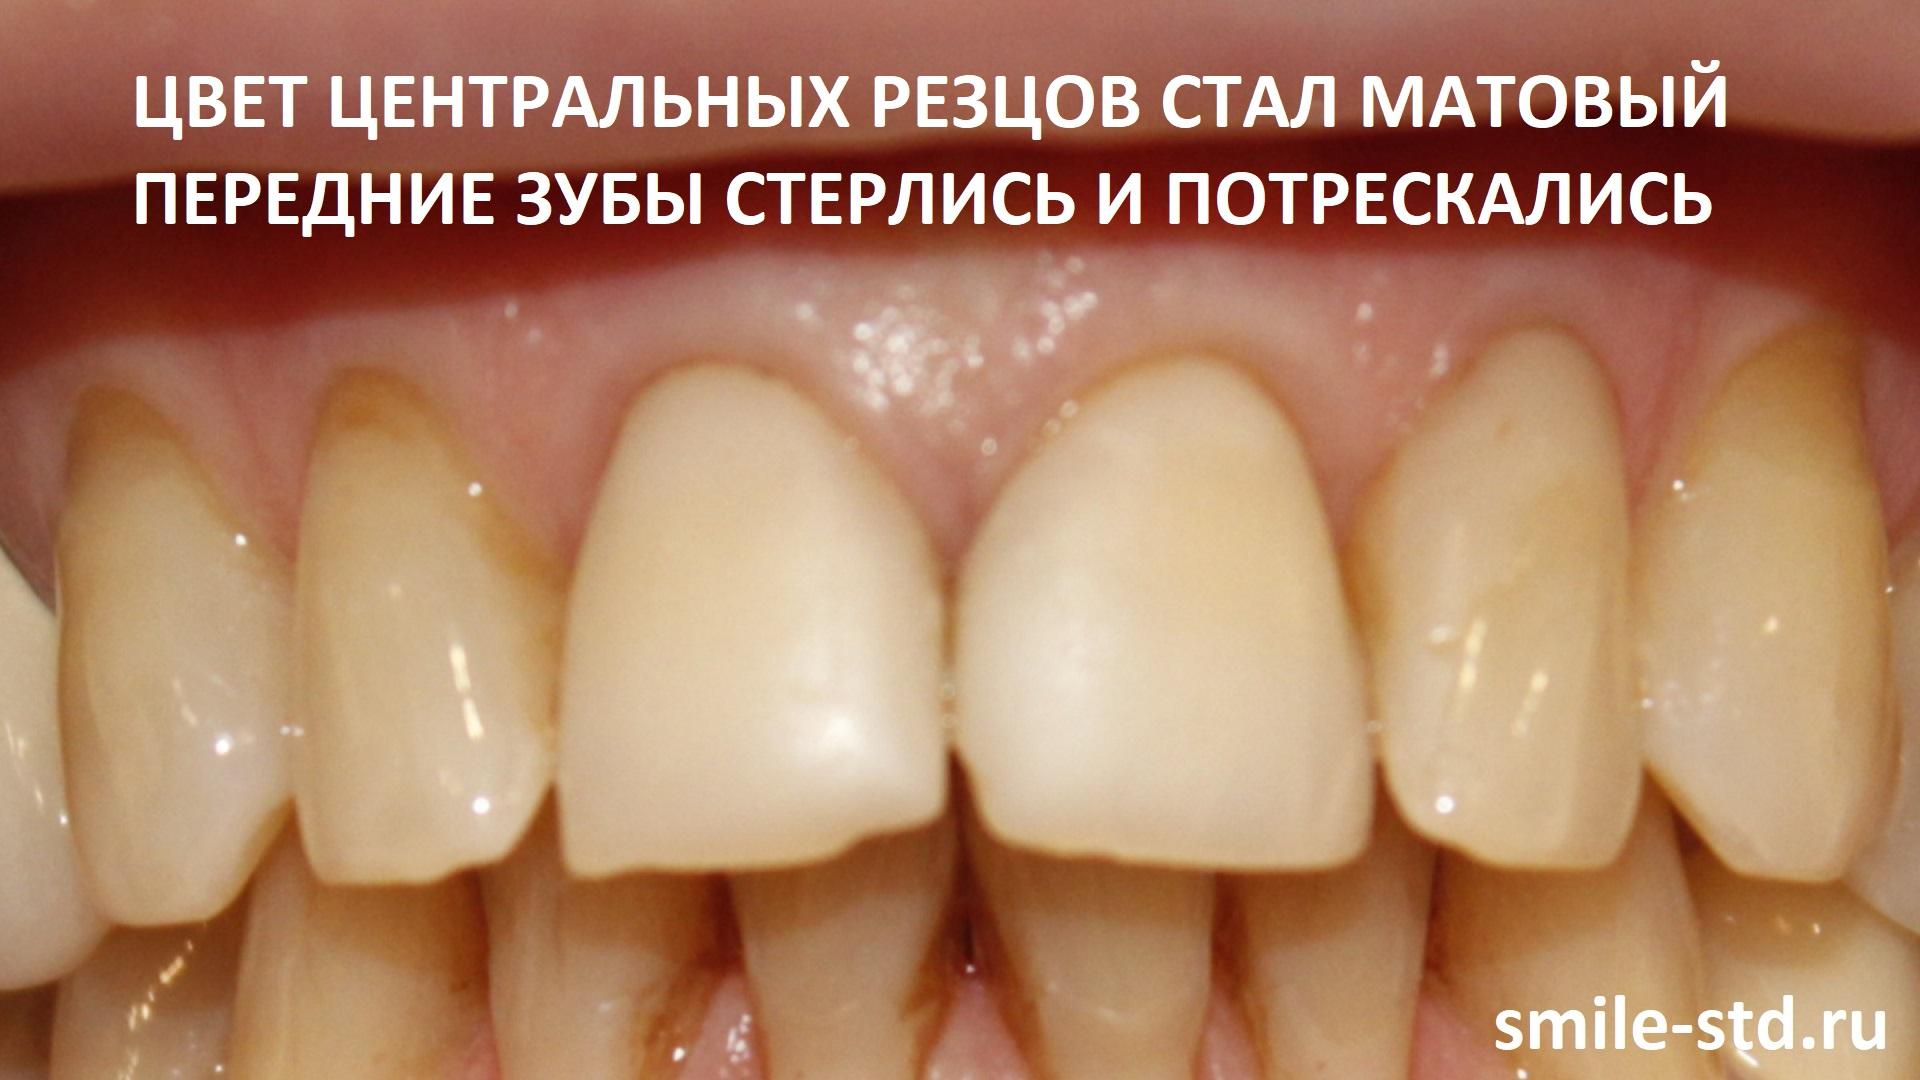 Центральные зубы обрели матовость, композиты выцвели, цветом зубы изменились, стерлись и потрескались. Пациент клиники Smile STD, Москва